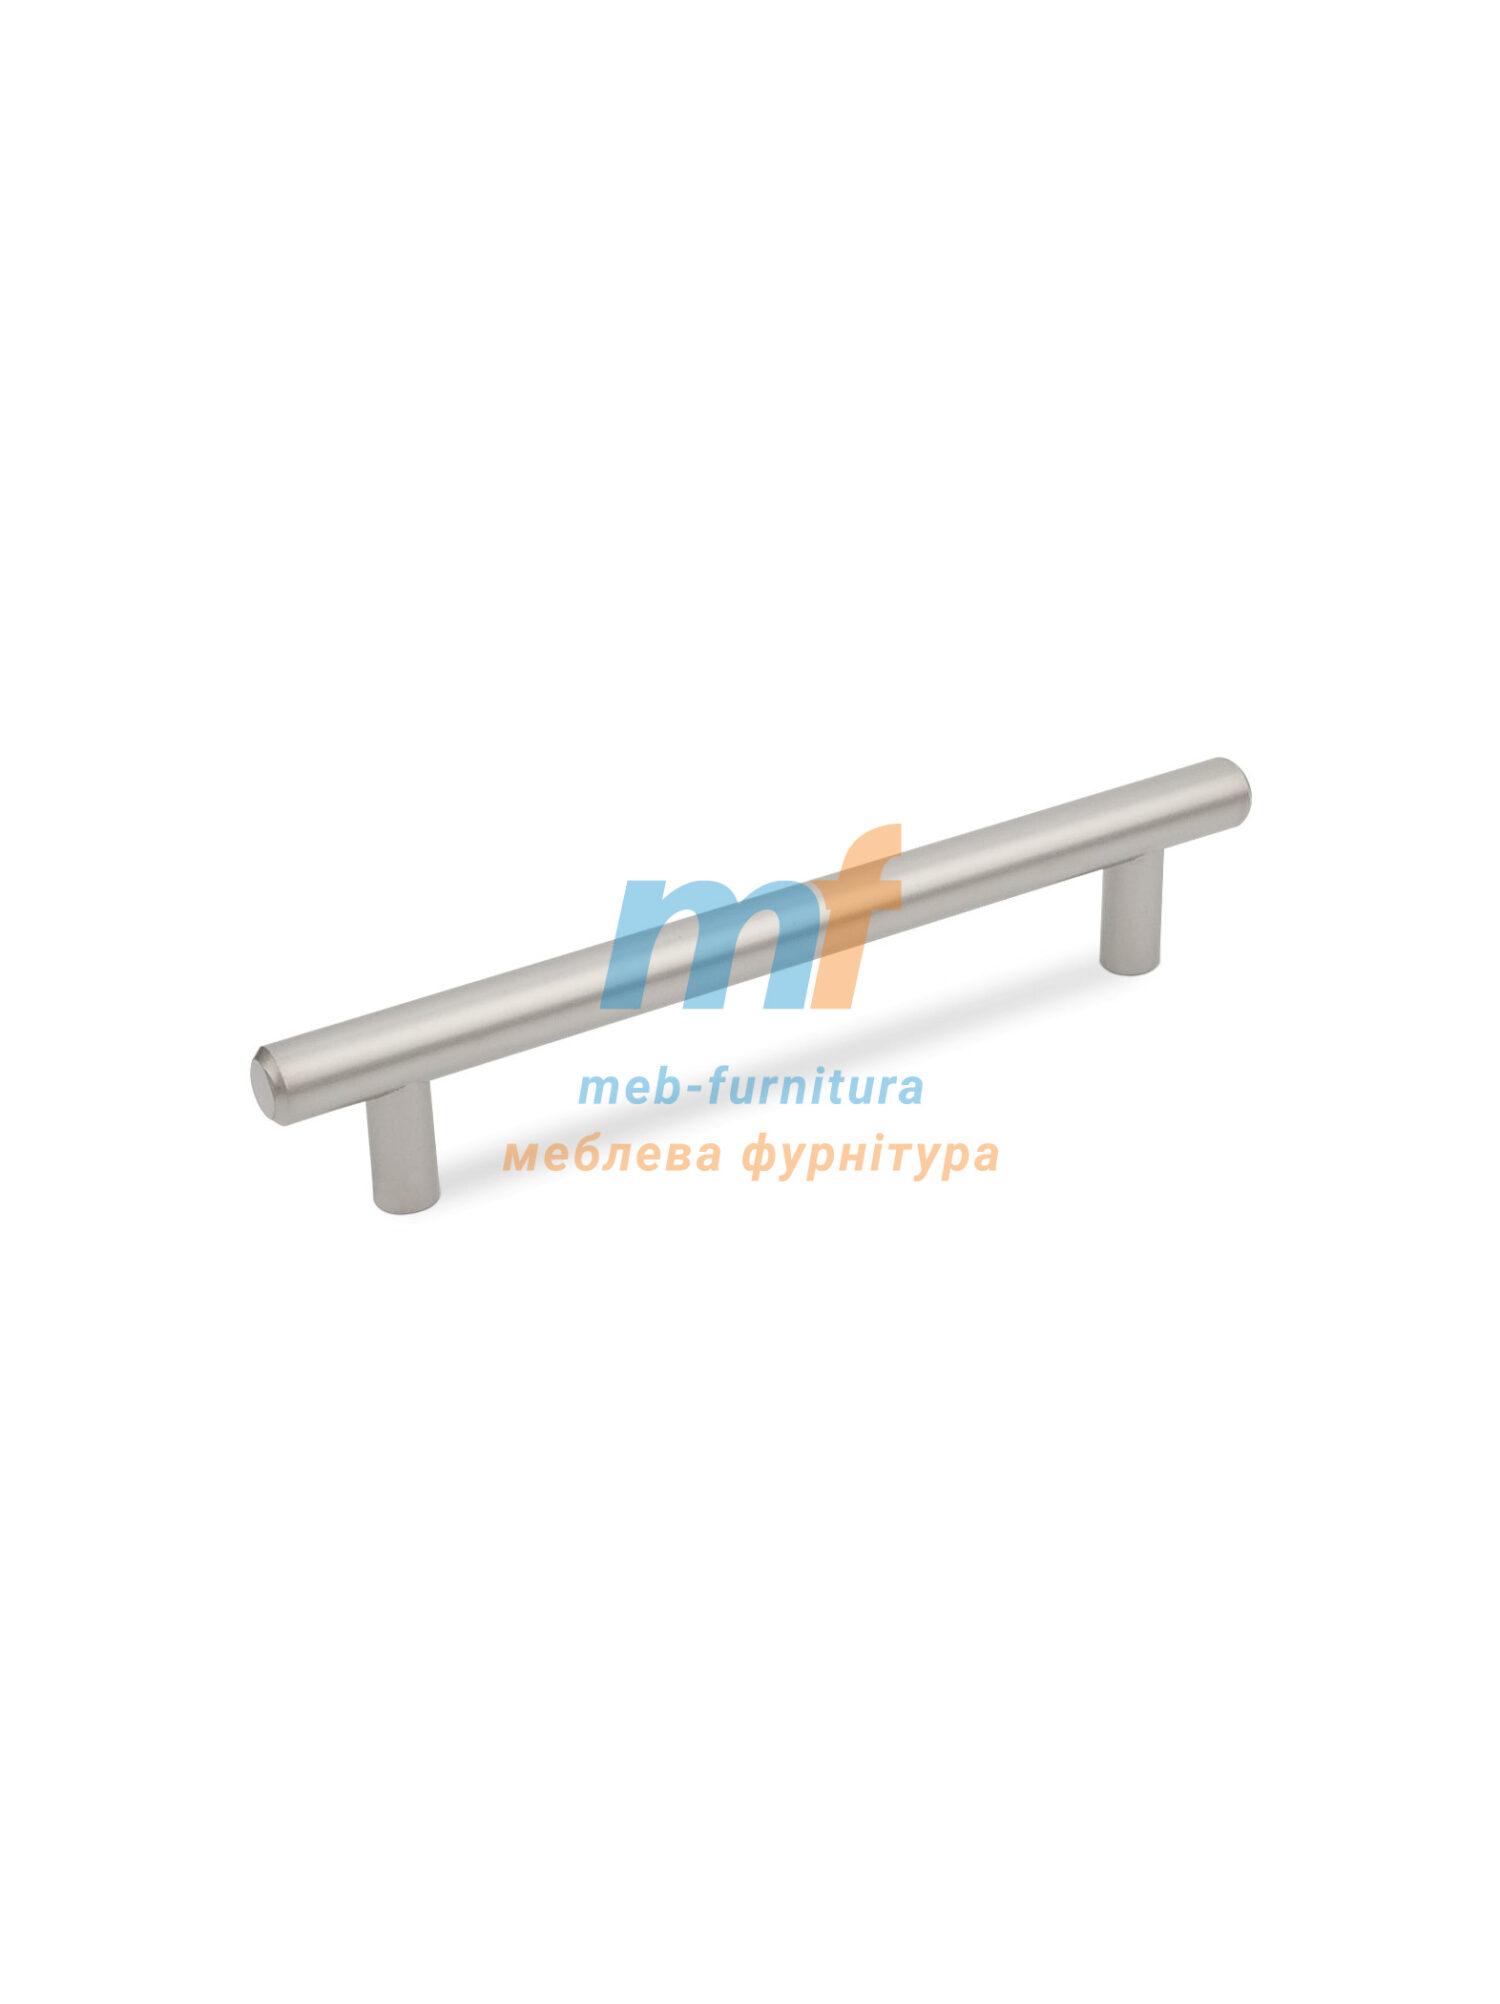 Ручка мебельная релинг 256мм - сатин